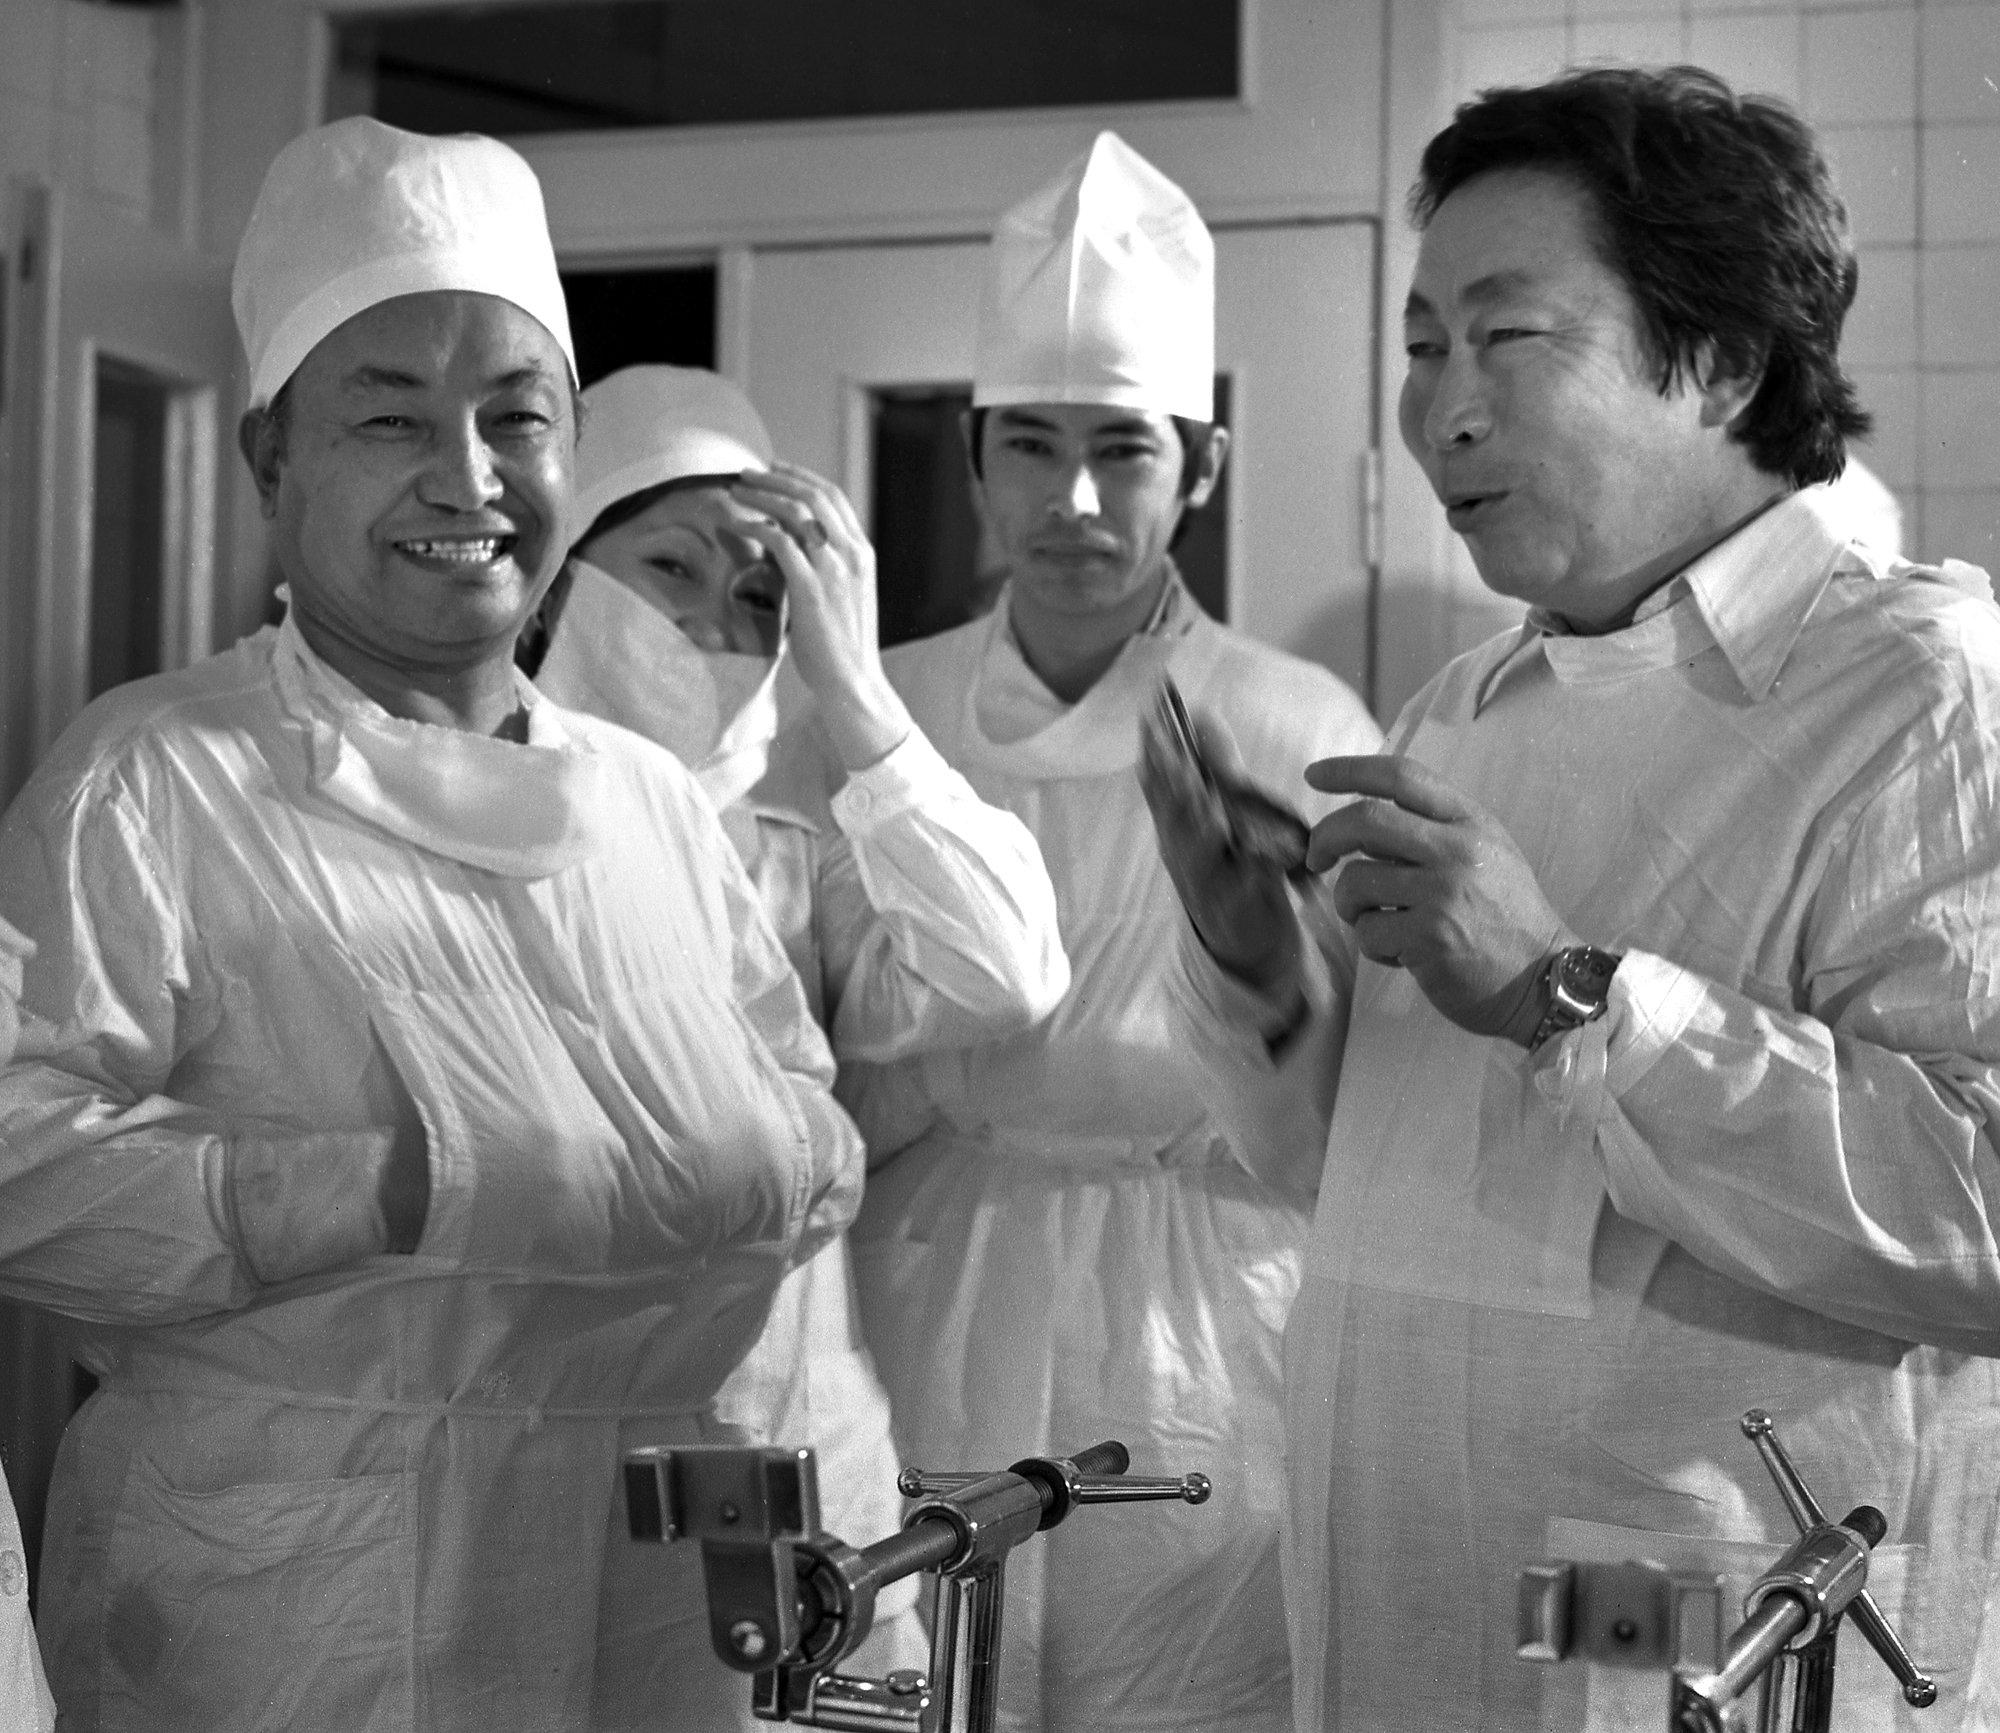 Фотография, на которой запечатлены известный хирург, Герой Кыргызской Республики Мамбет Мамакеев и не менее известный режиссер Толомуш Океев, была сделана в 1980 году во Фрунзе